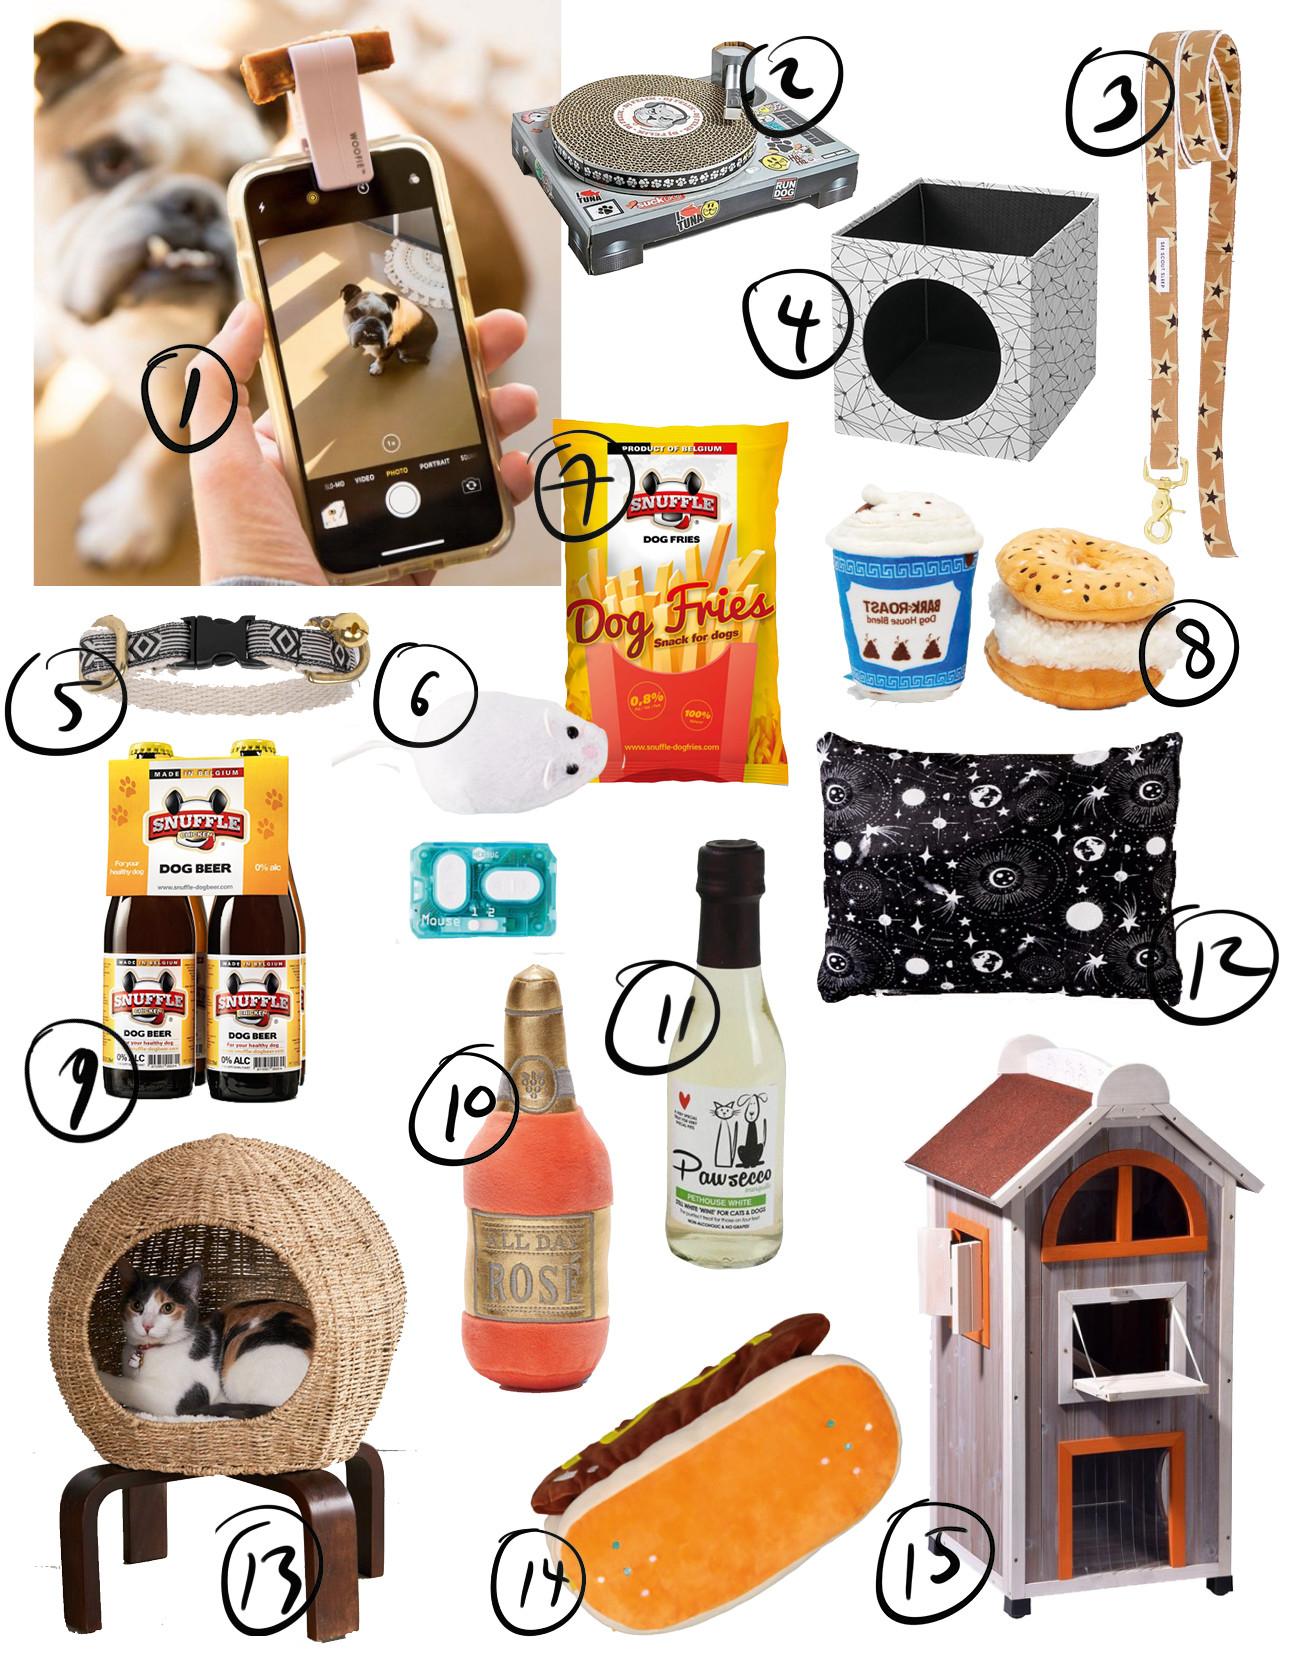 alleenmaal spulletjes die te maken hebben met dierendag zoals hondenfrietjes, kussen en huisjes voor je dier